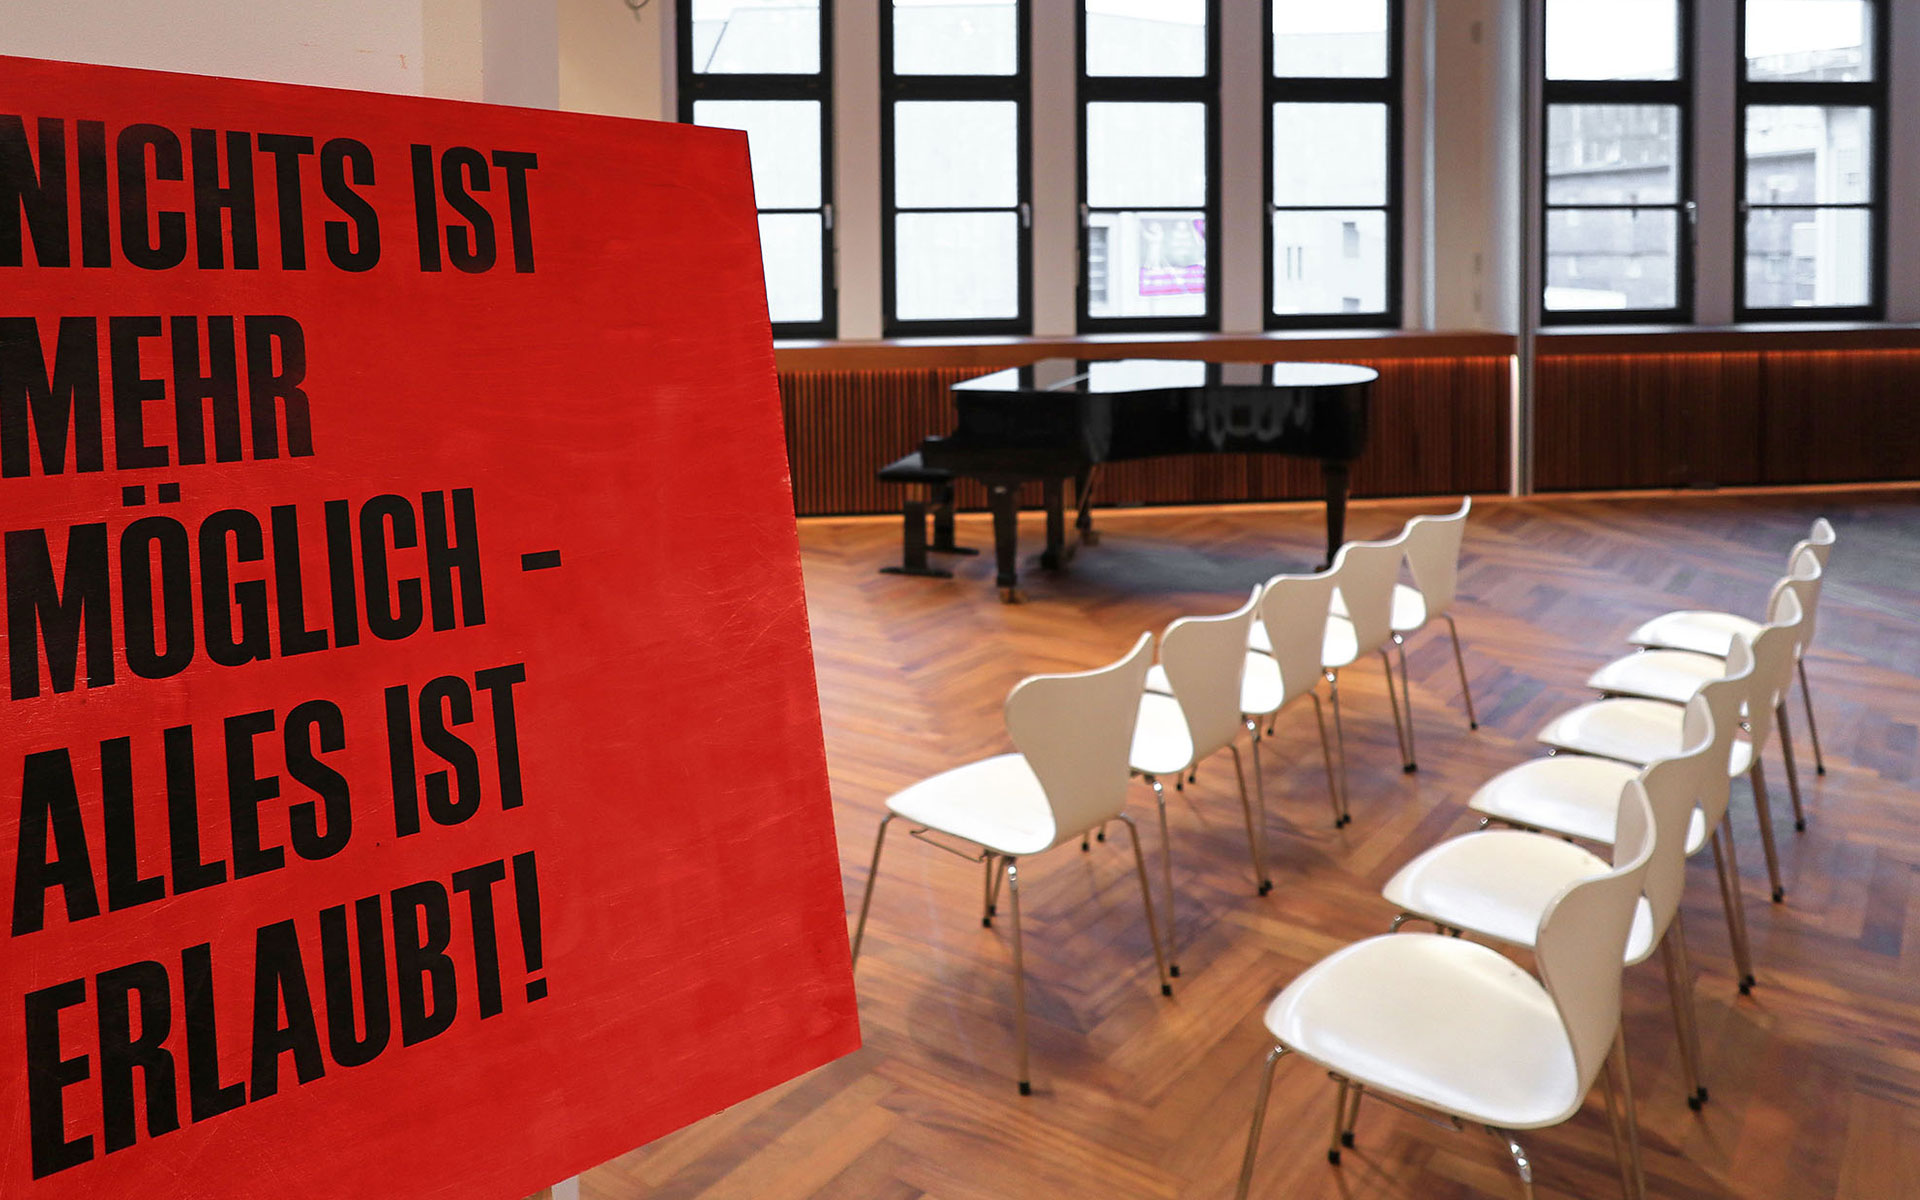 Dieter M. Gräf, Ulf Stolterfoht, Frank Witzel: Falsches Rot,                                                                                                                                                                                                                           Dienstag, 23.10.18                              -                                  Mittwoch, 30.01.19                                                                                                                <br/>(c) Literaturhaus Stuttgart